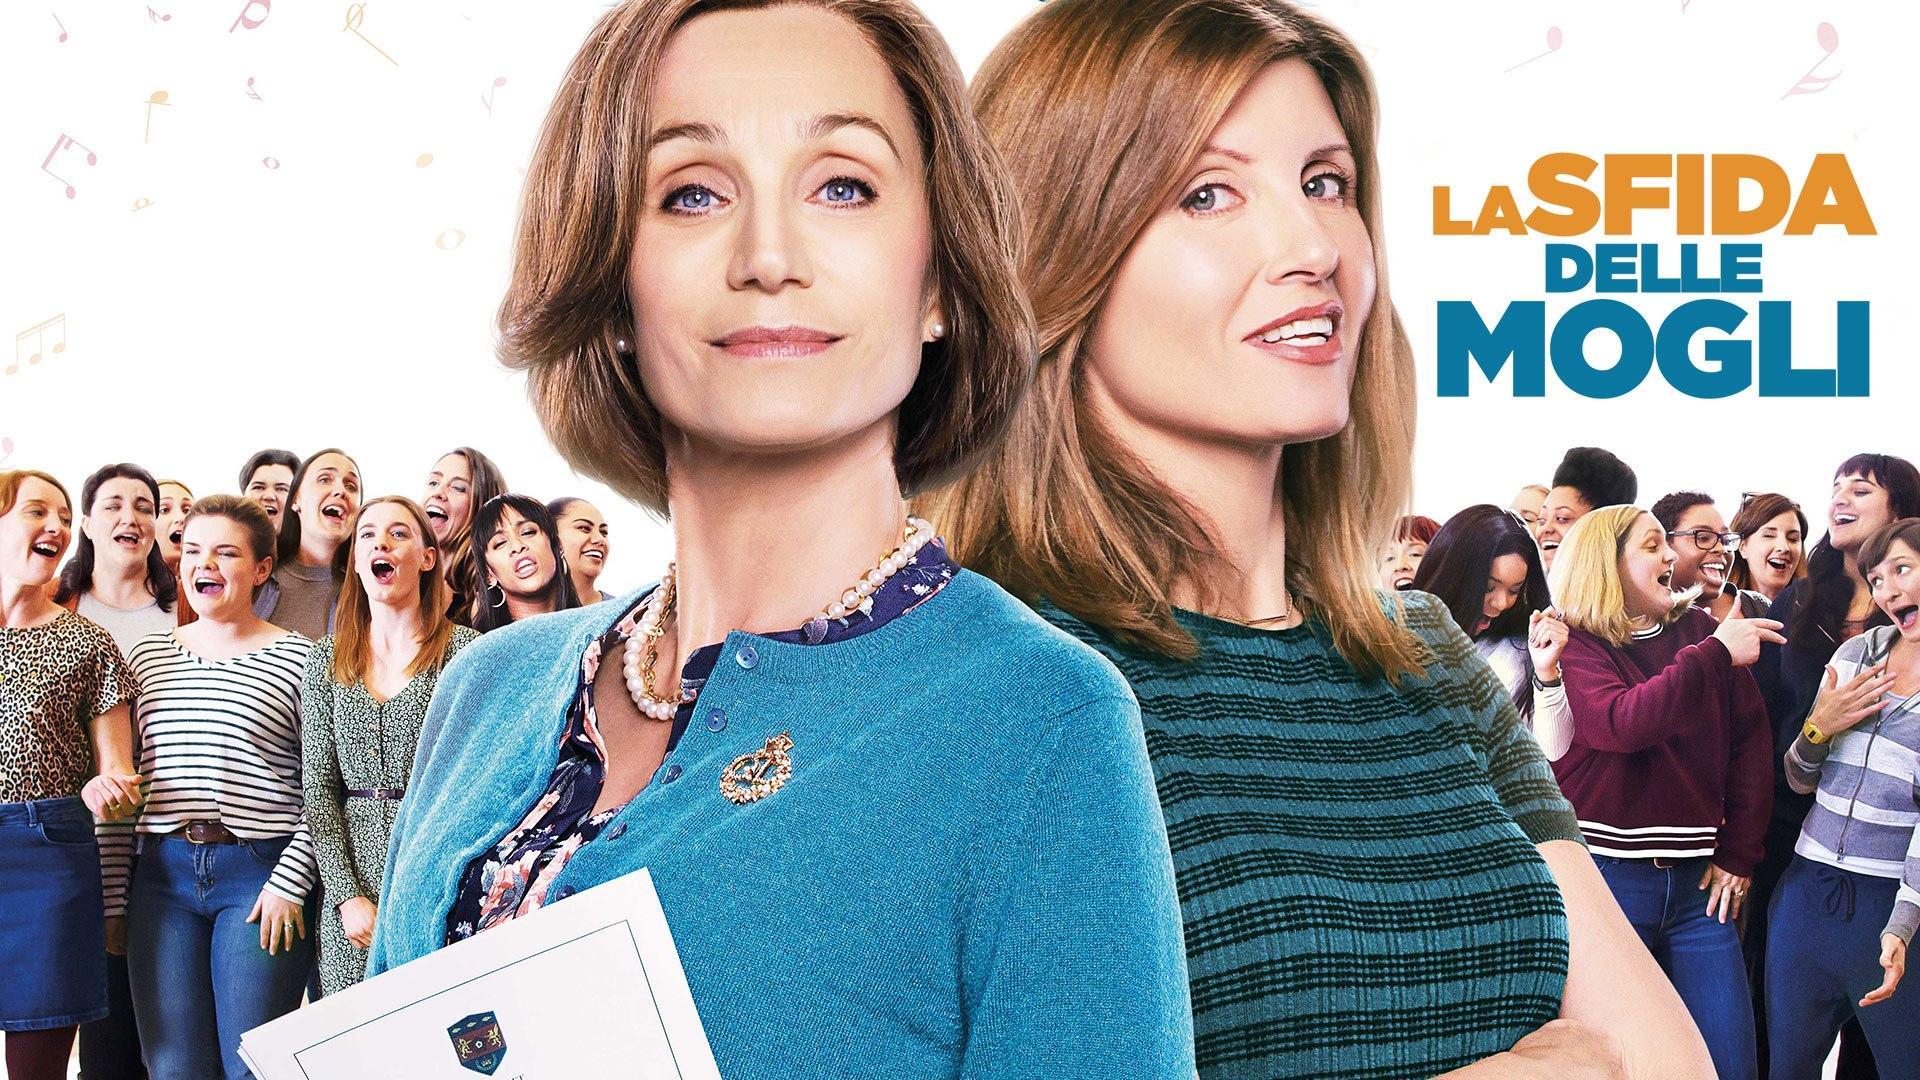 Mercoledi 30 Dicembre 2020 Sky e Premium Cinema, John Wick 3 | La sfida delle mogli